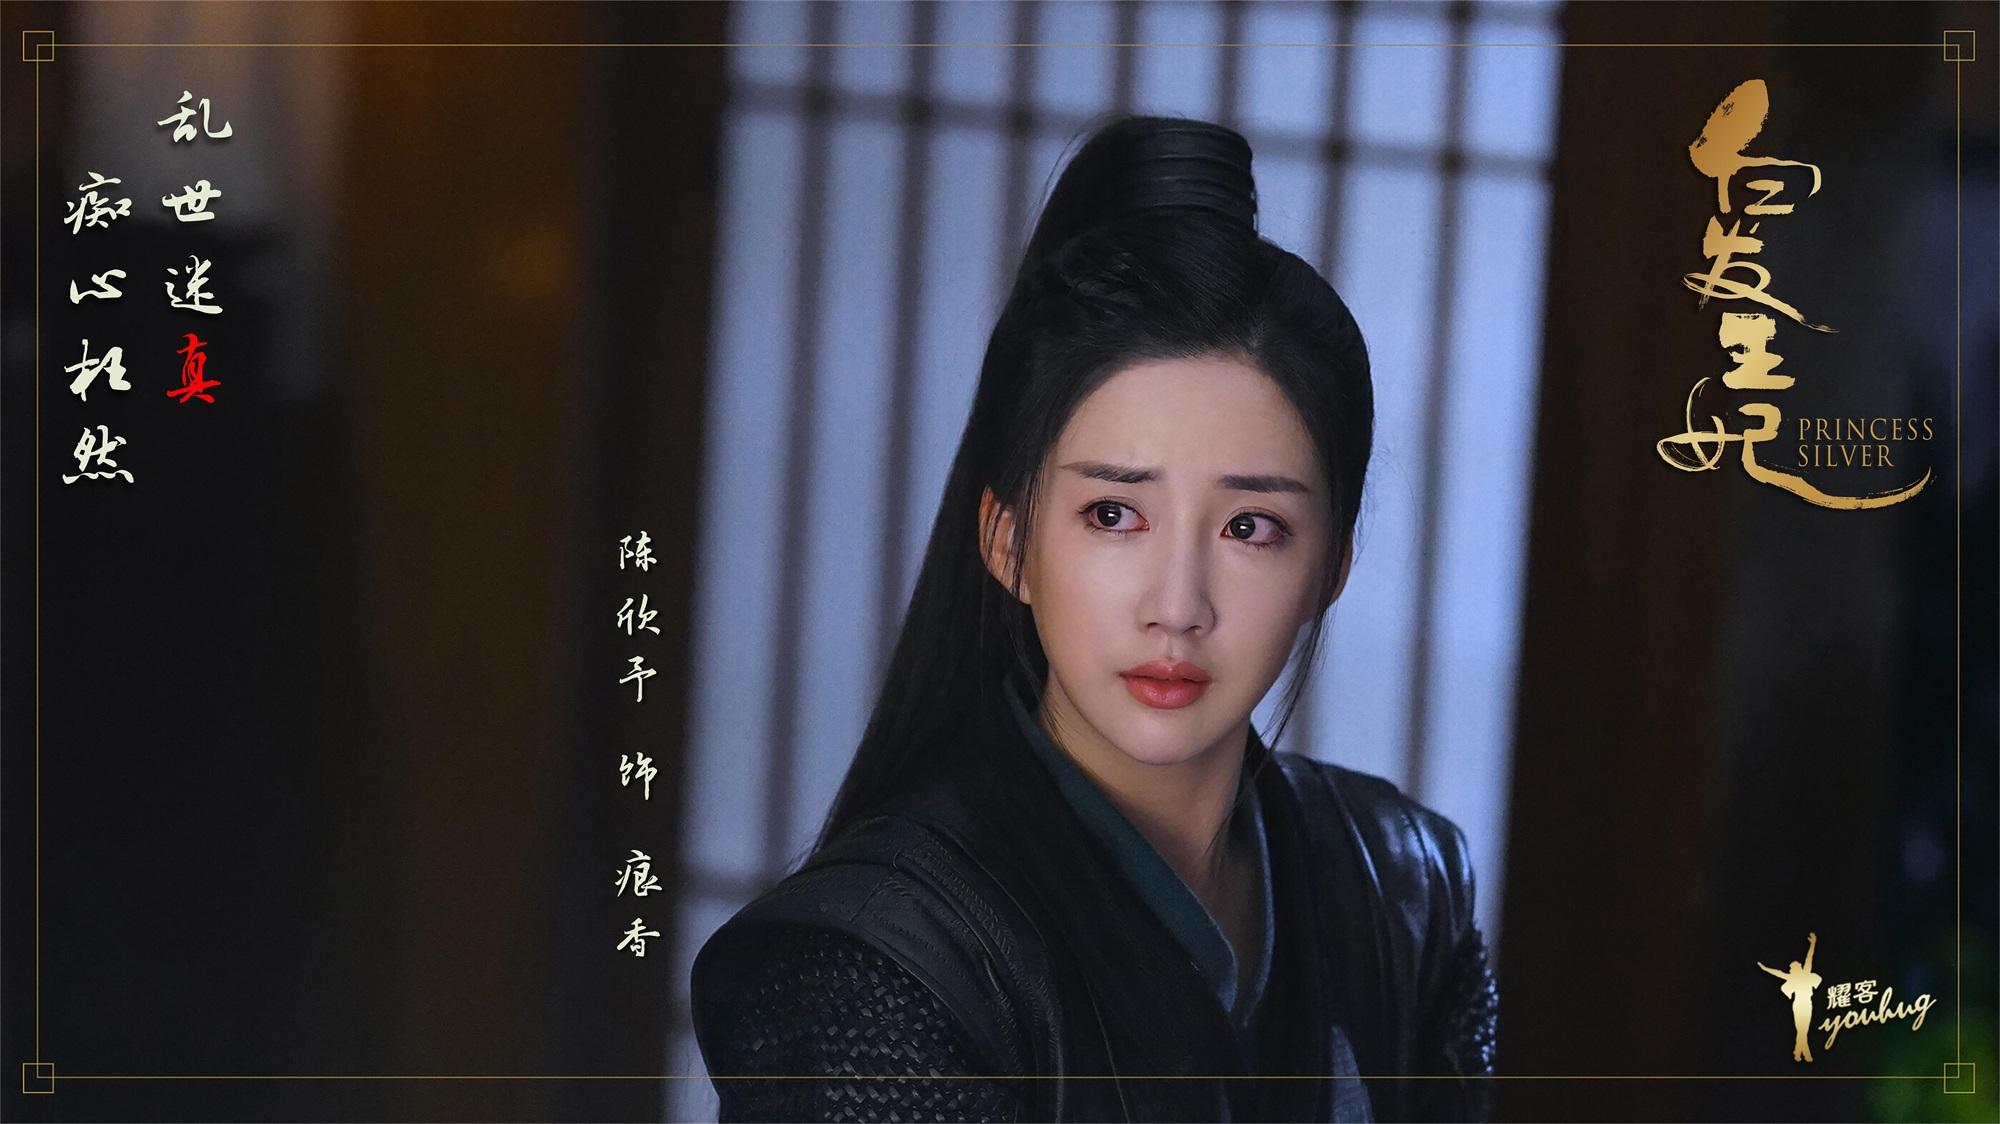 2019武侠电视剧排行榜_不顾父母反对去拍戏,嫁导演连生3娃不红,44岁老公